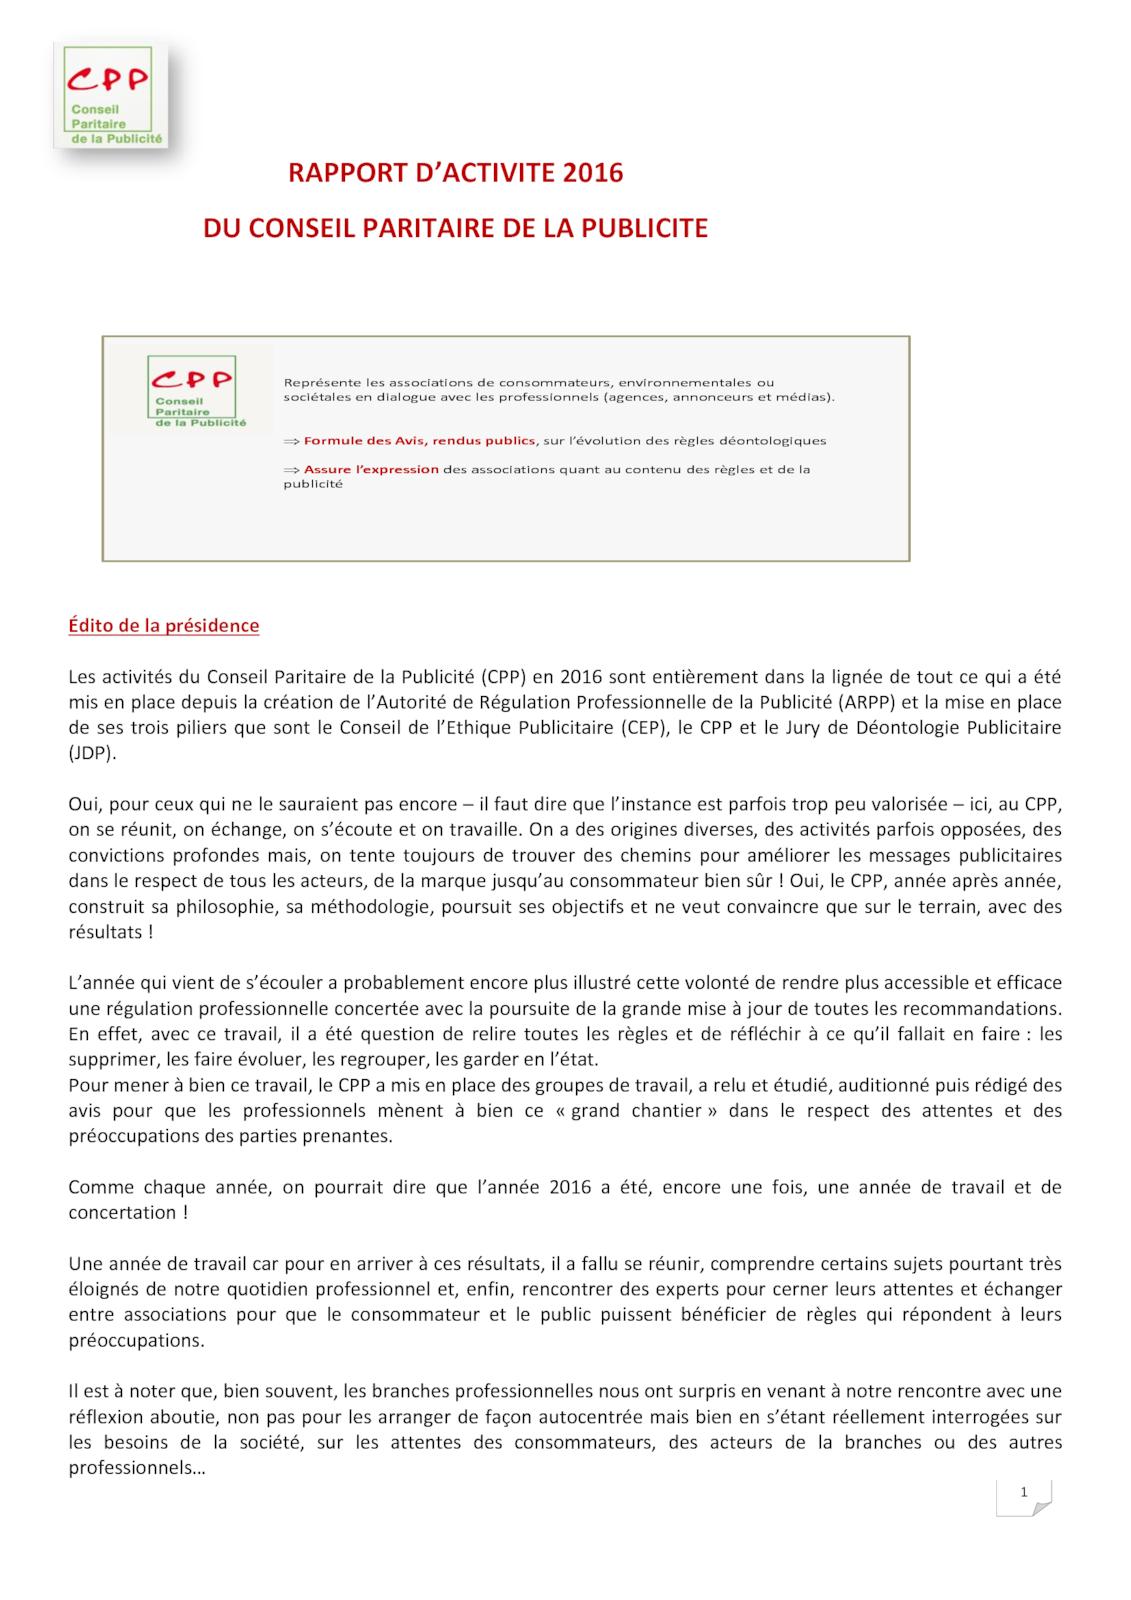 Rapport d'activité 2016 du CPP